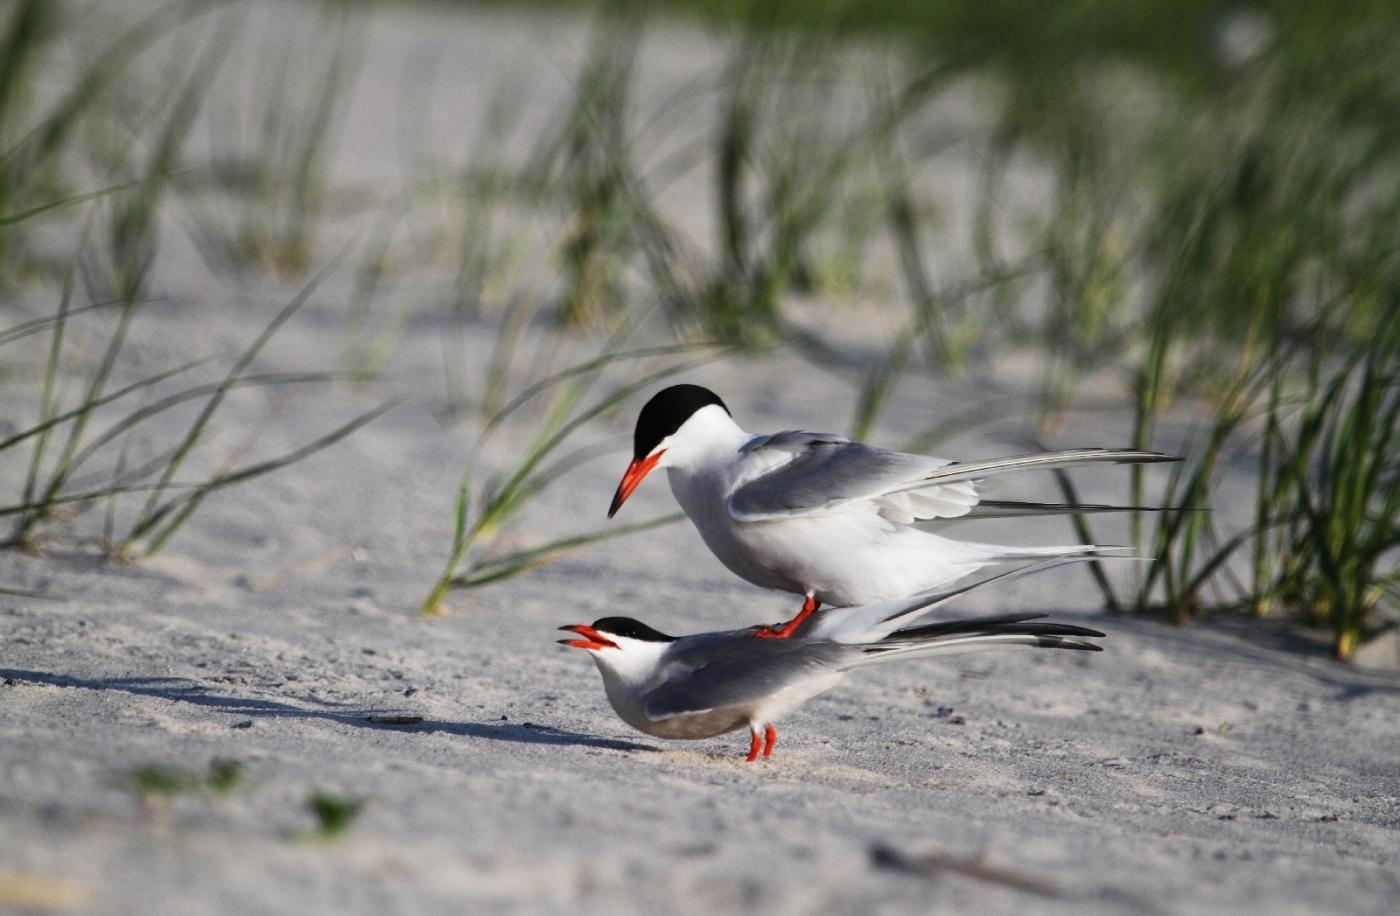 【田螺摄影】nickerson beach拍燕鸥求爱[二]_图1-4